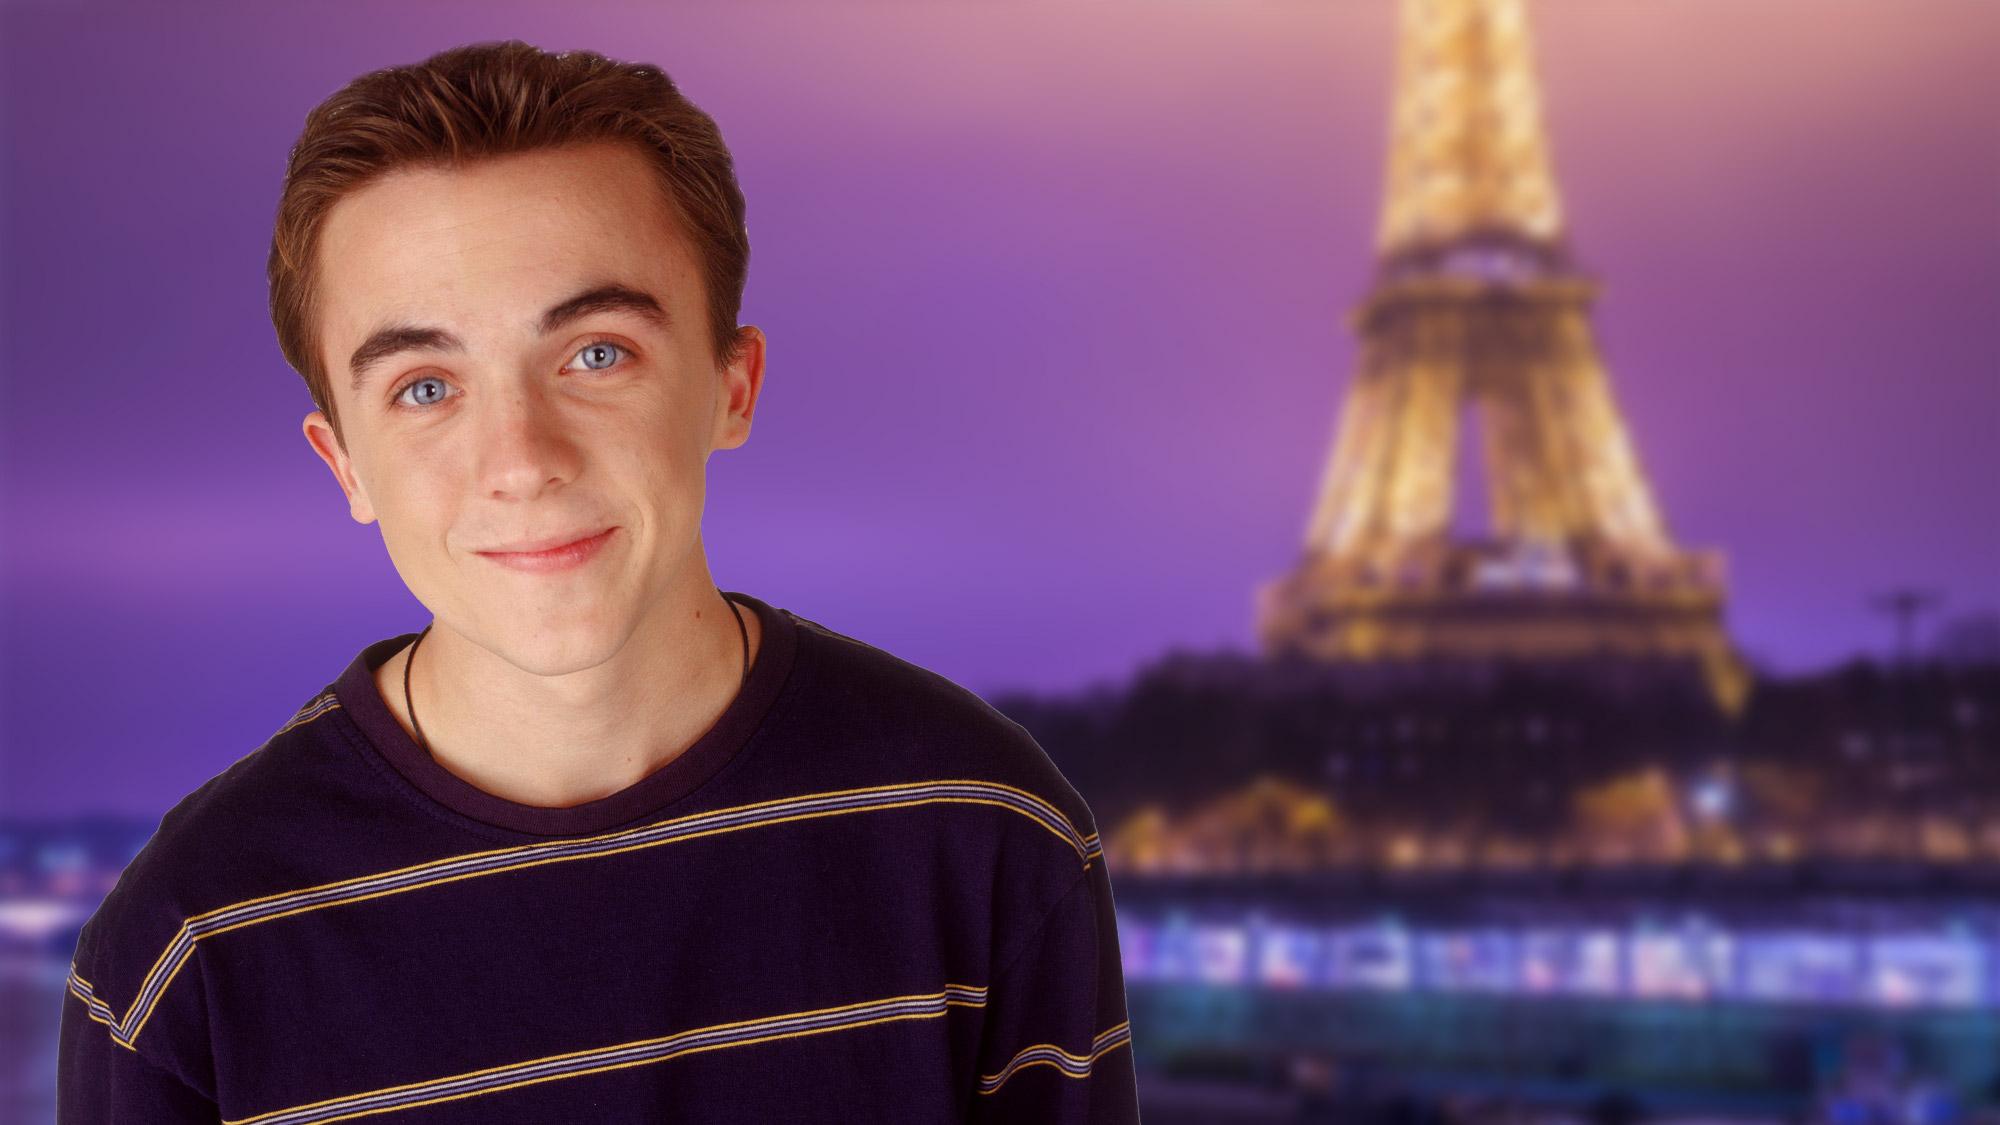 EXCLUSIF. Frankie Muniz vient à Paris pour rencontrer ses fans !